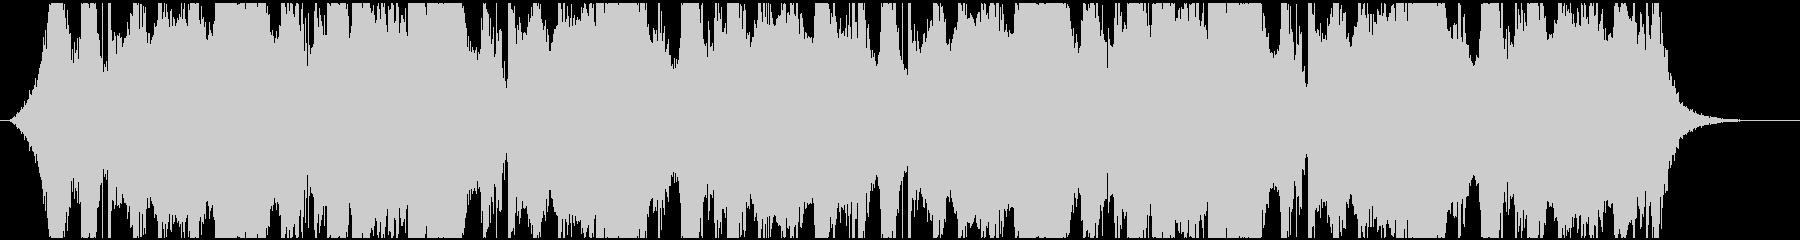 実験的 ロック ポストロック 実験...の未再生の波形